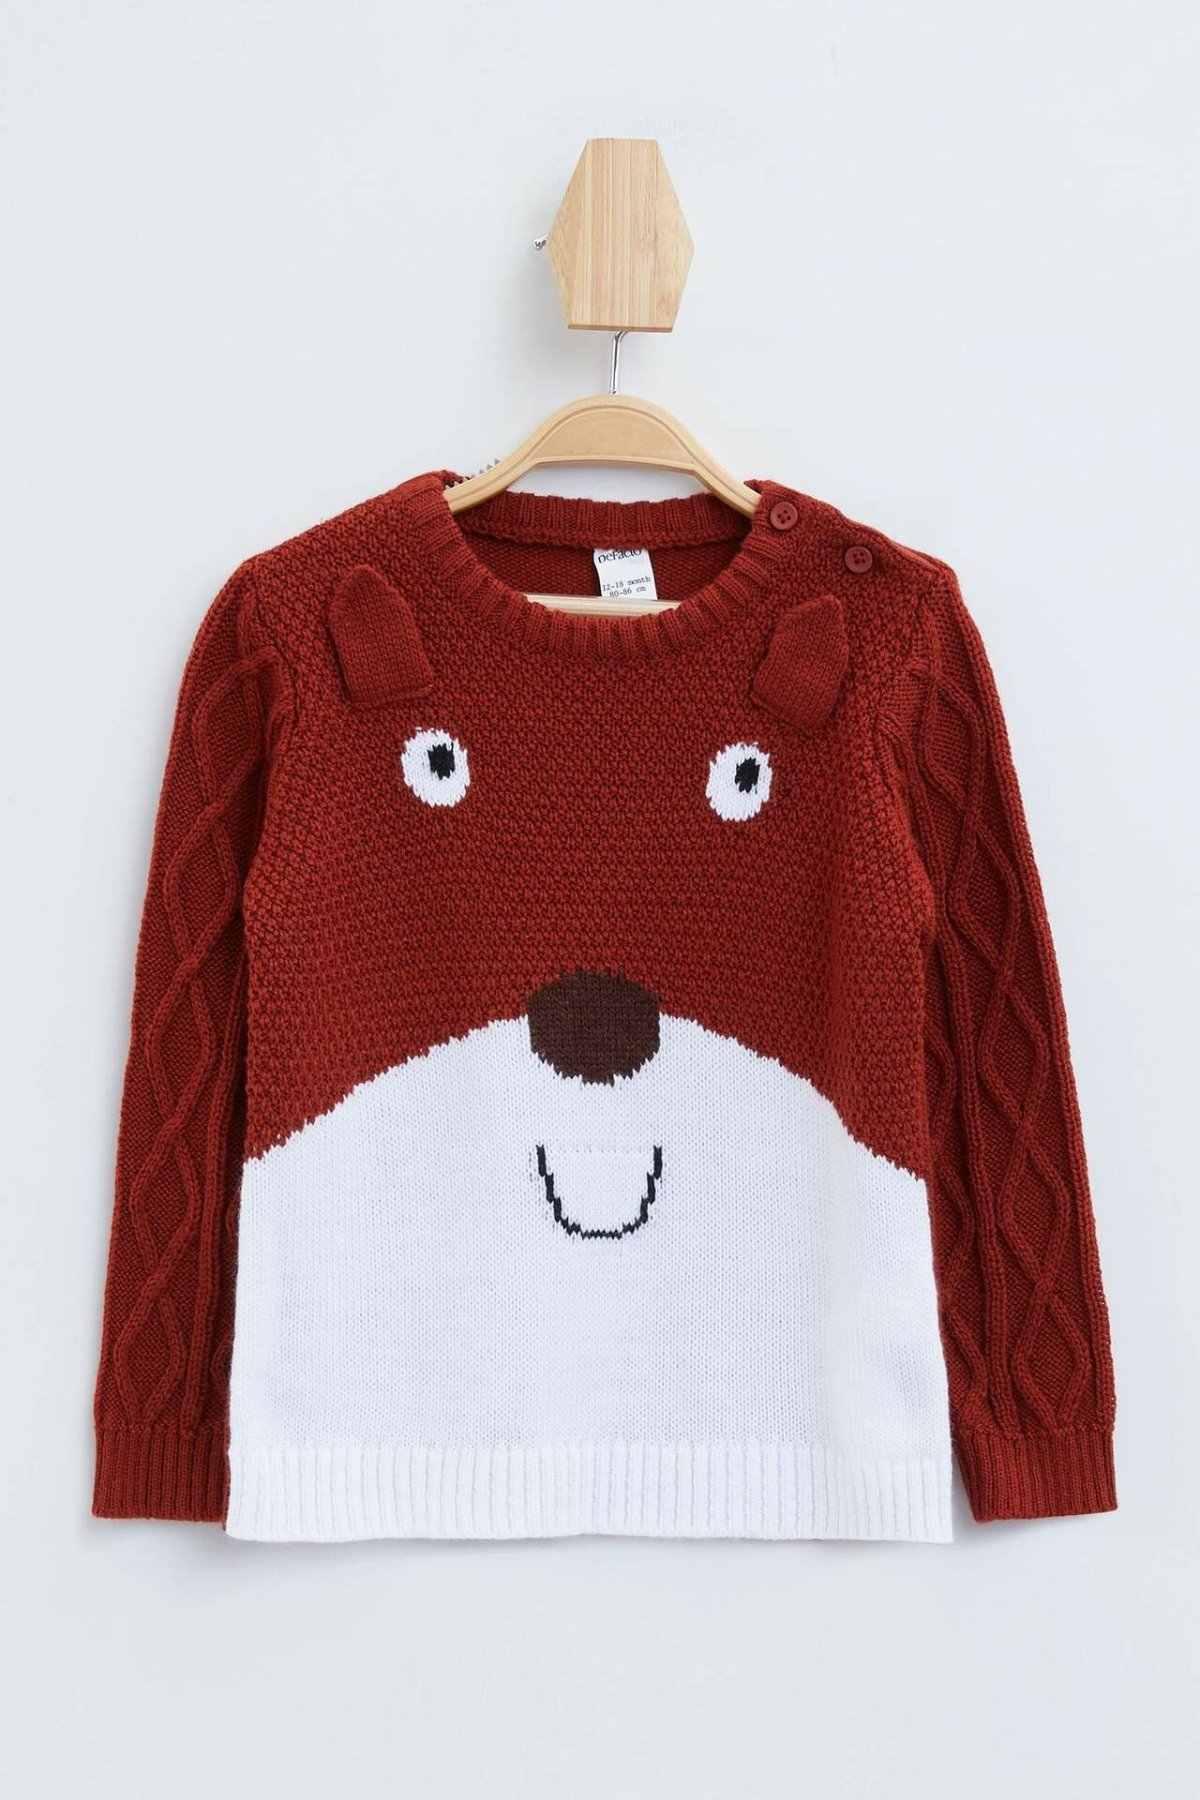 DeFacto BabyBoy 귀여운 동물 스웨터 소년 캐주얼 니트 탑 스웨터 키즈 러블리 베어 이미지 풀오버 봄-L3111A219AU